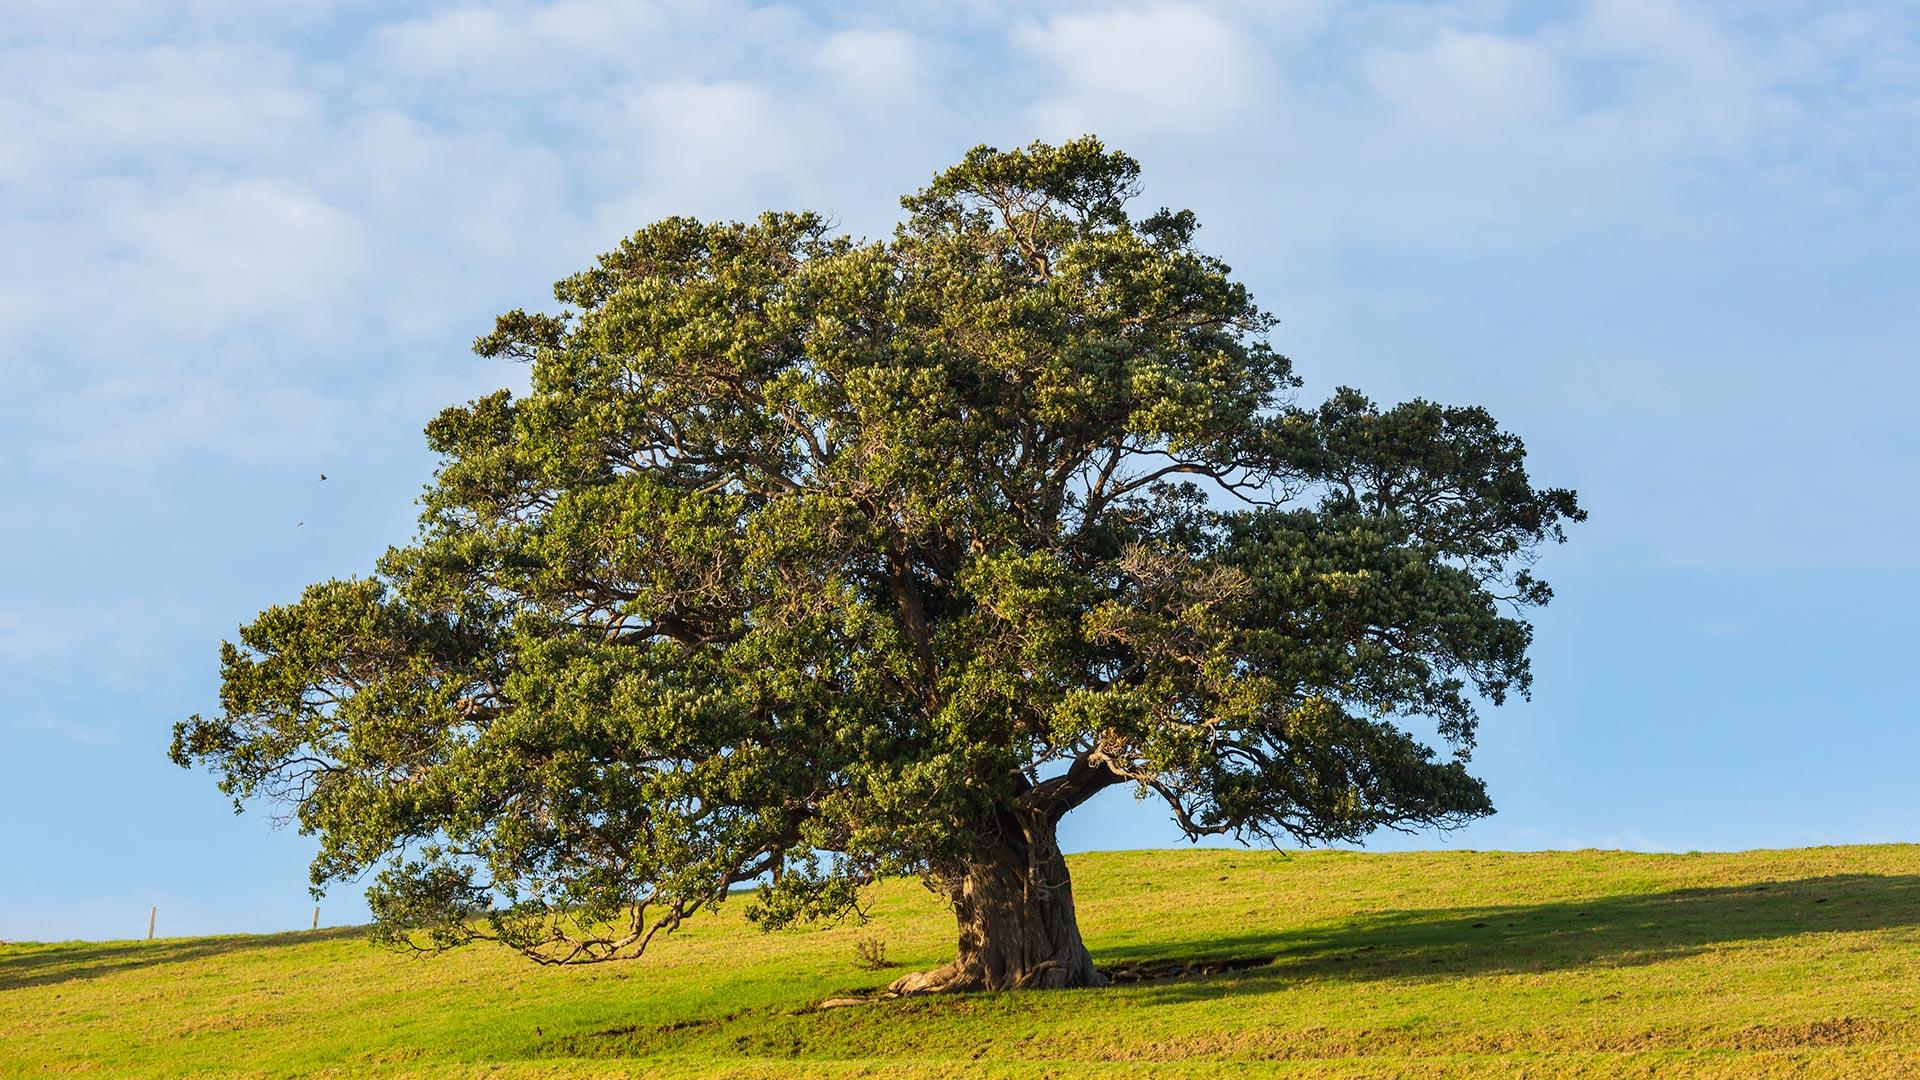 Árboles - FOTOS y VÍDEOS 360 para descargar - Descargas360.com